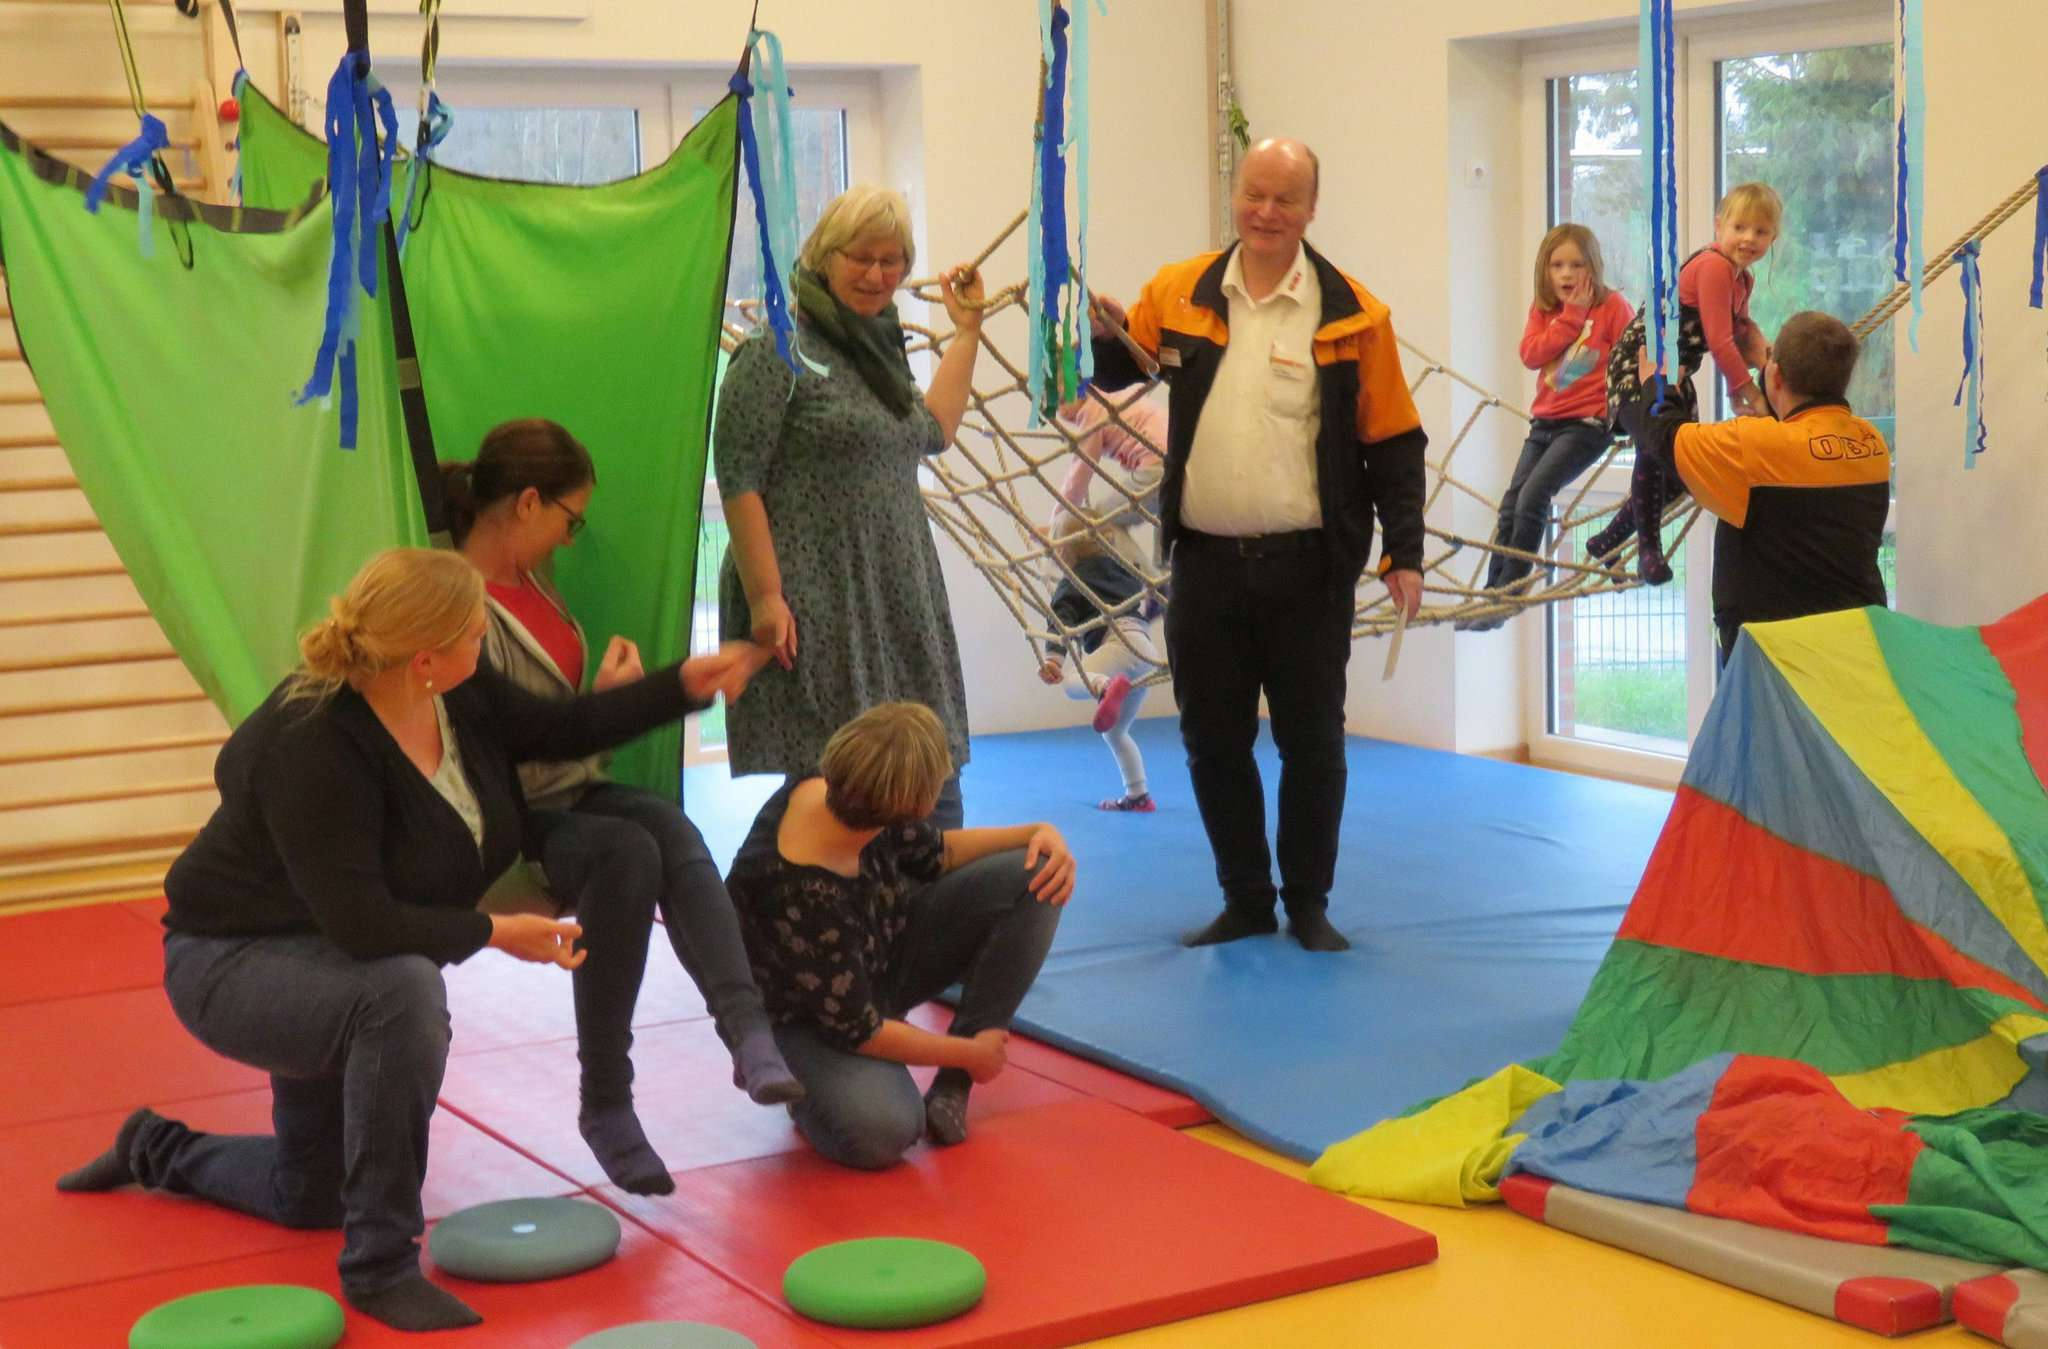 Die Bewegungshalle in der Kita Posthausen ist ein Paradies für Kinder. Foto: Elke Keppler-Rosenau